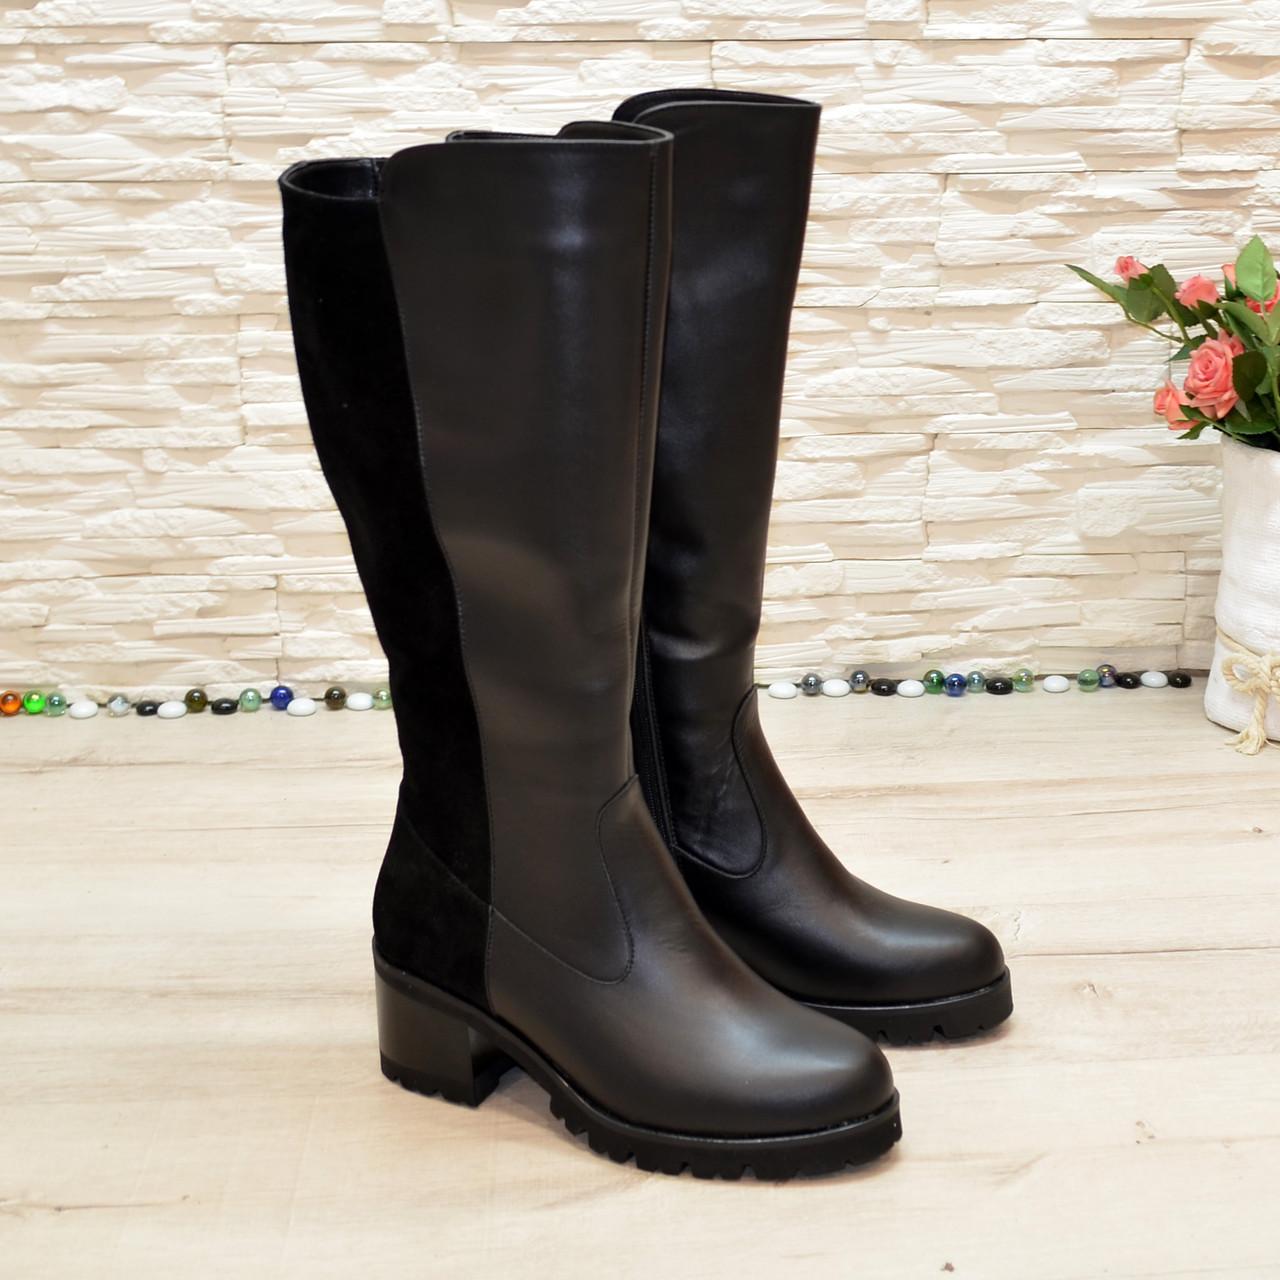 Сапоги женские кожаные на невысоком каблуке, цвет черный. Батал!